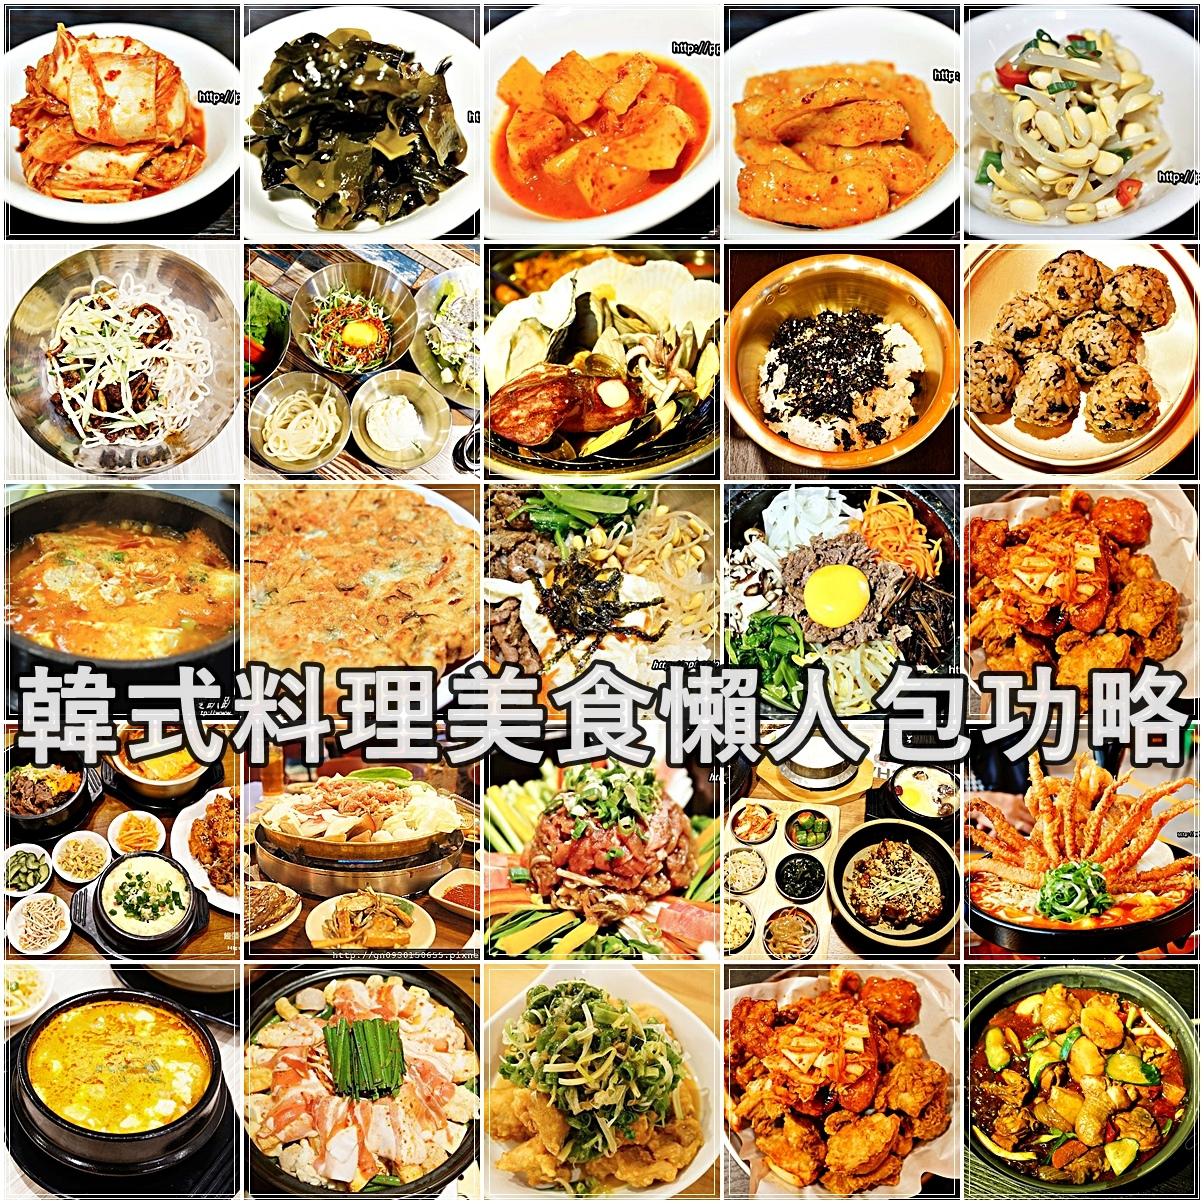 【韓式料理美食懶人包功略】精選17間CP值超高人氣美食~國民必吃的銅板美食,燒肉、石鍋拌飯、炸醬麵、炸雞、小菜吃到飽